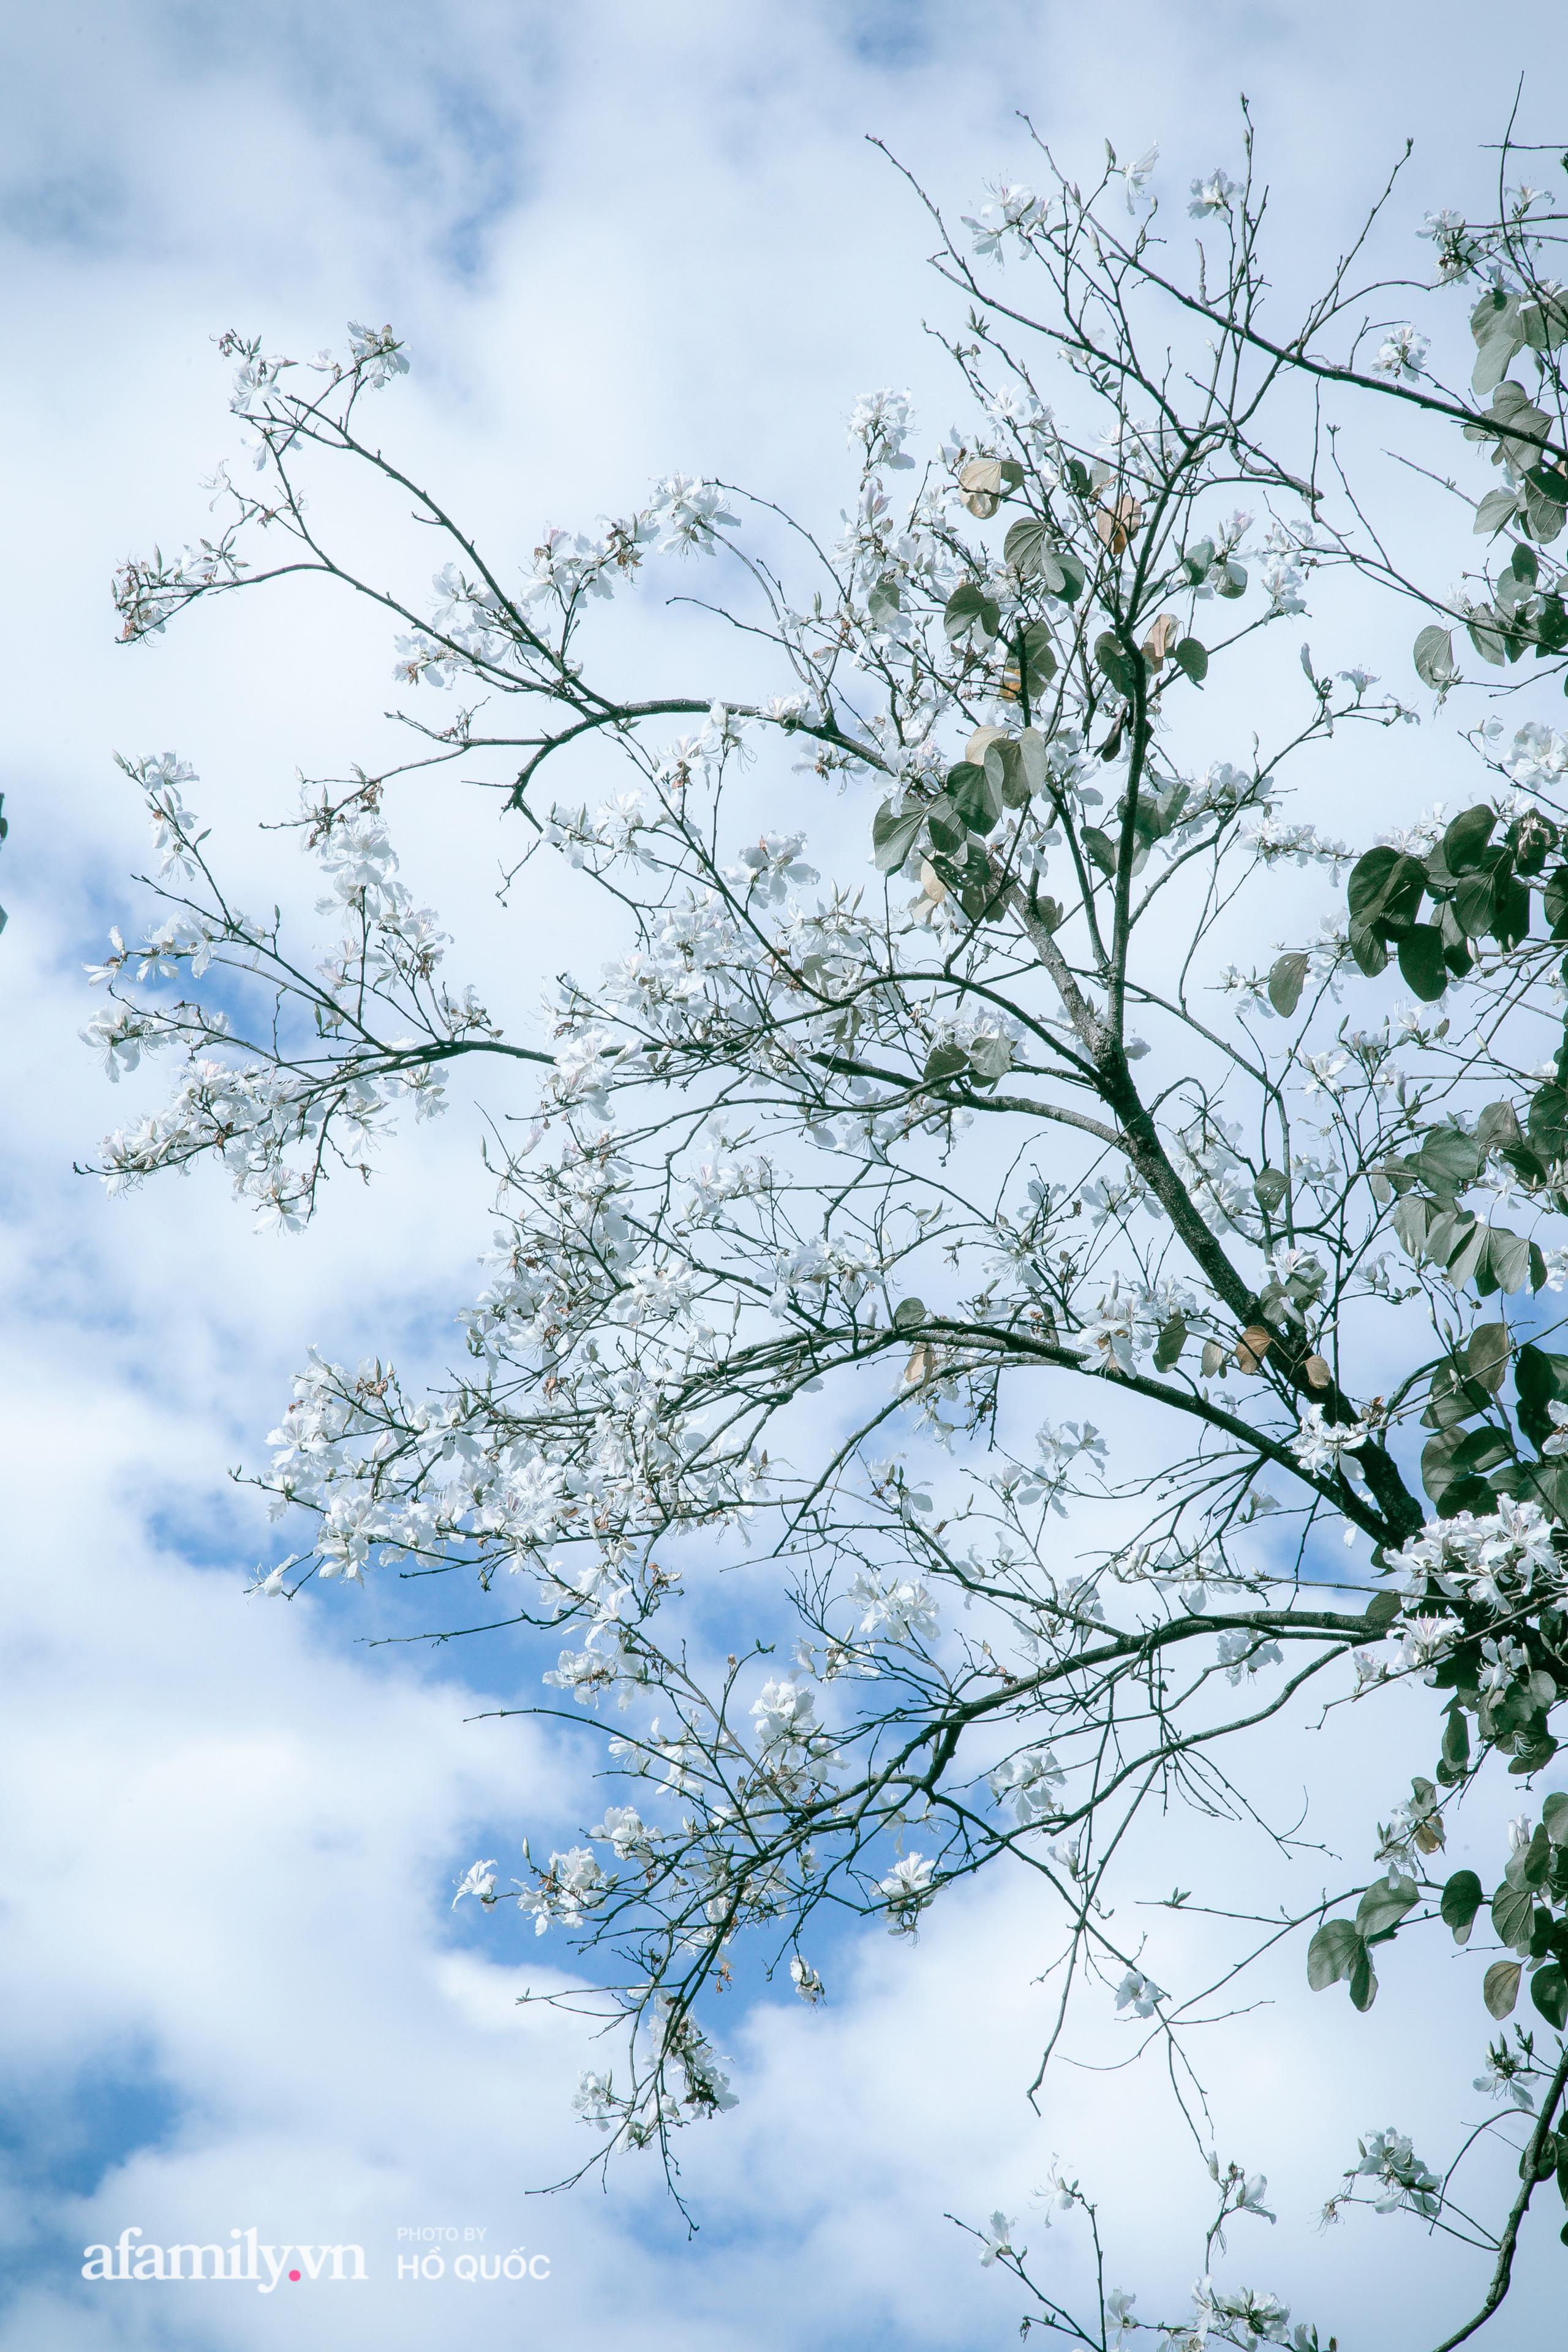 """Hoa ban trắng nở rộ, trời Đà Lạt như """"cô gái Tây Bắc e thẹn"""" báo hiệu một mùa xuân mới đến trong lành  - Ảnh 5."""